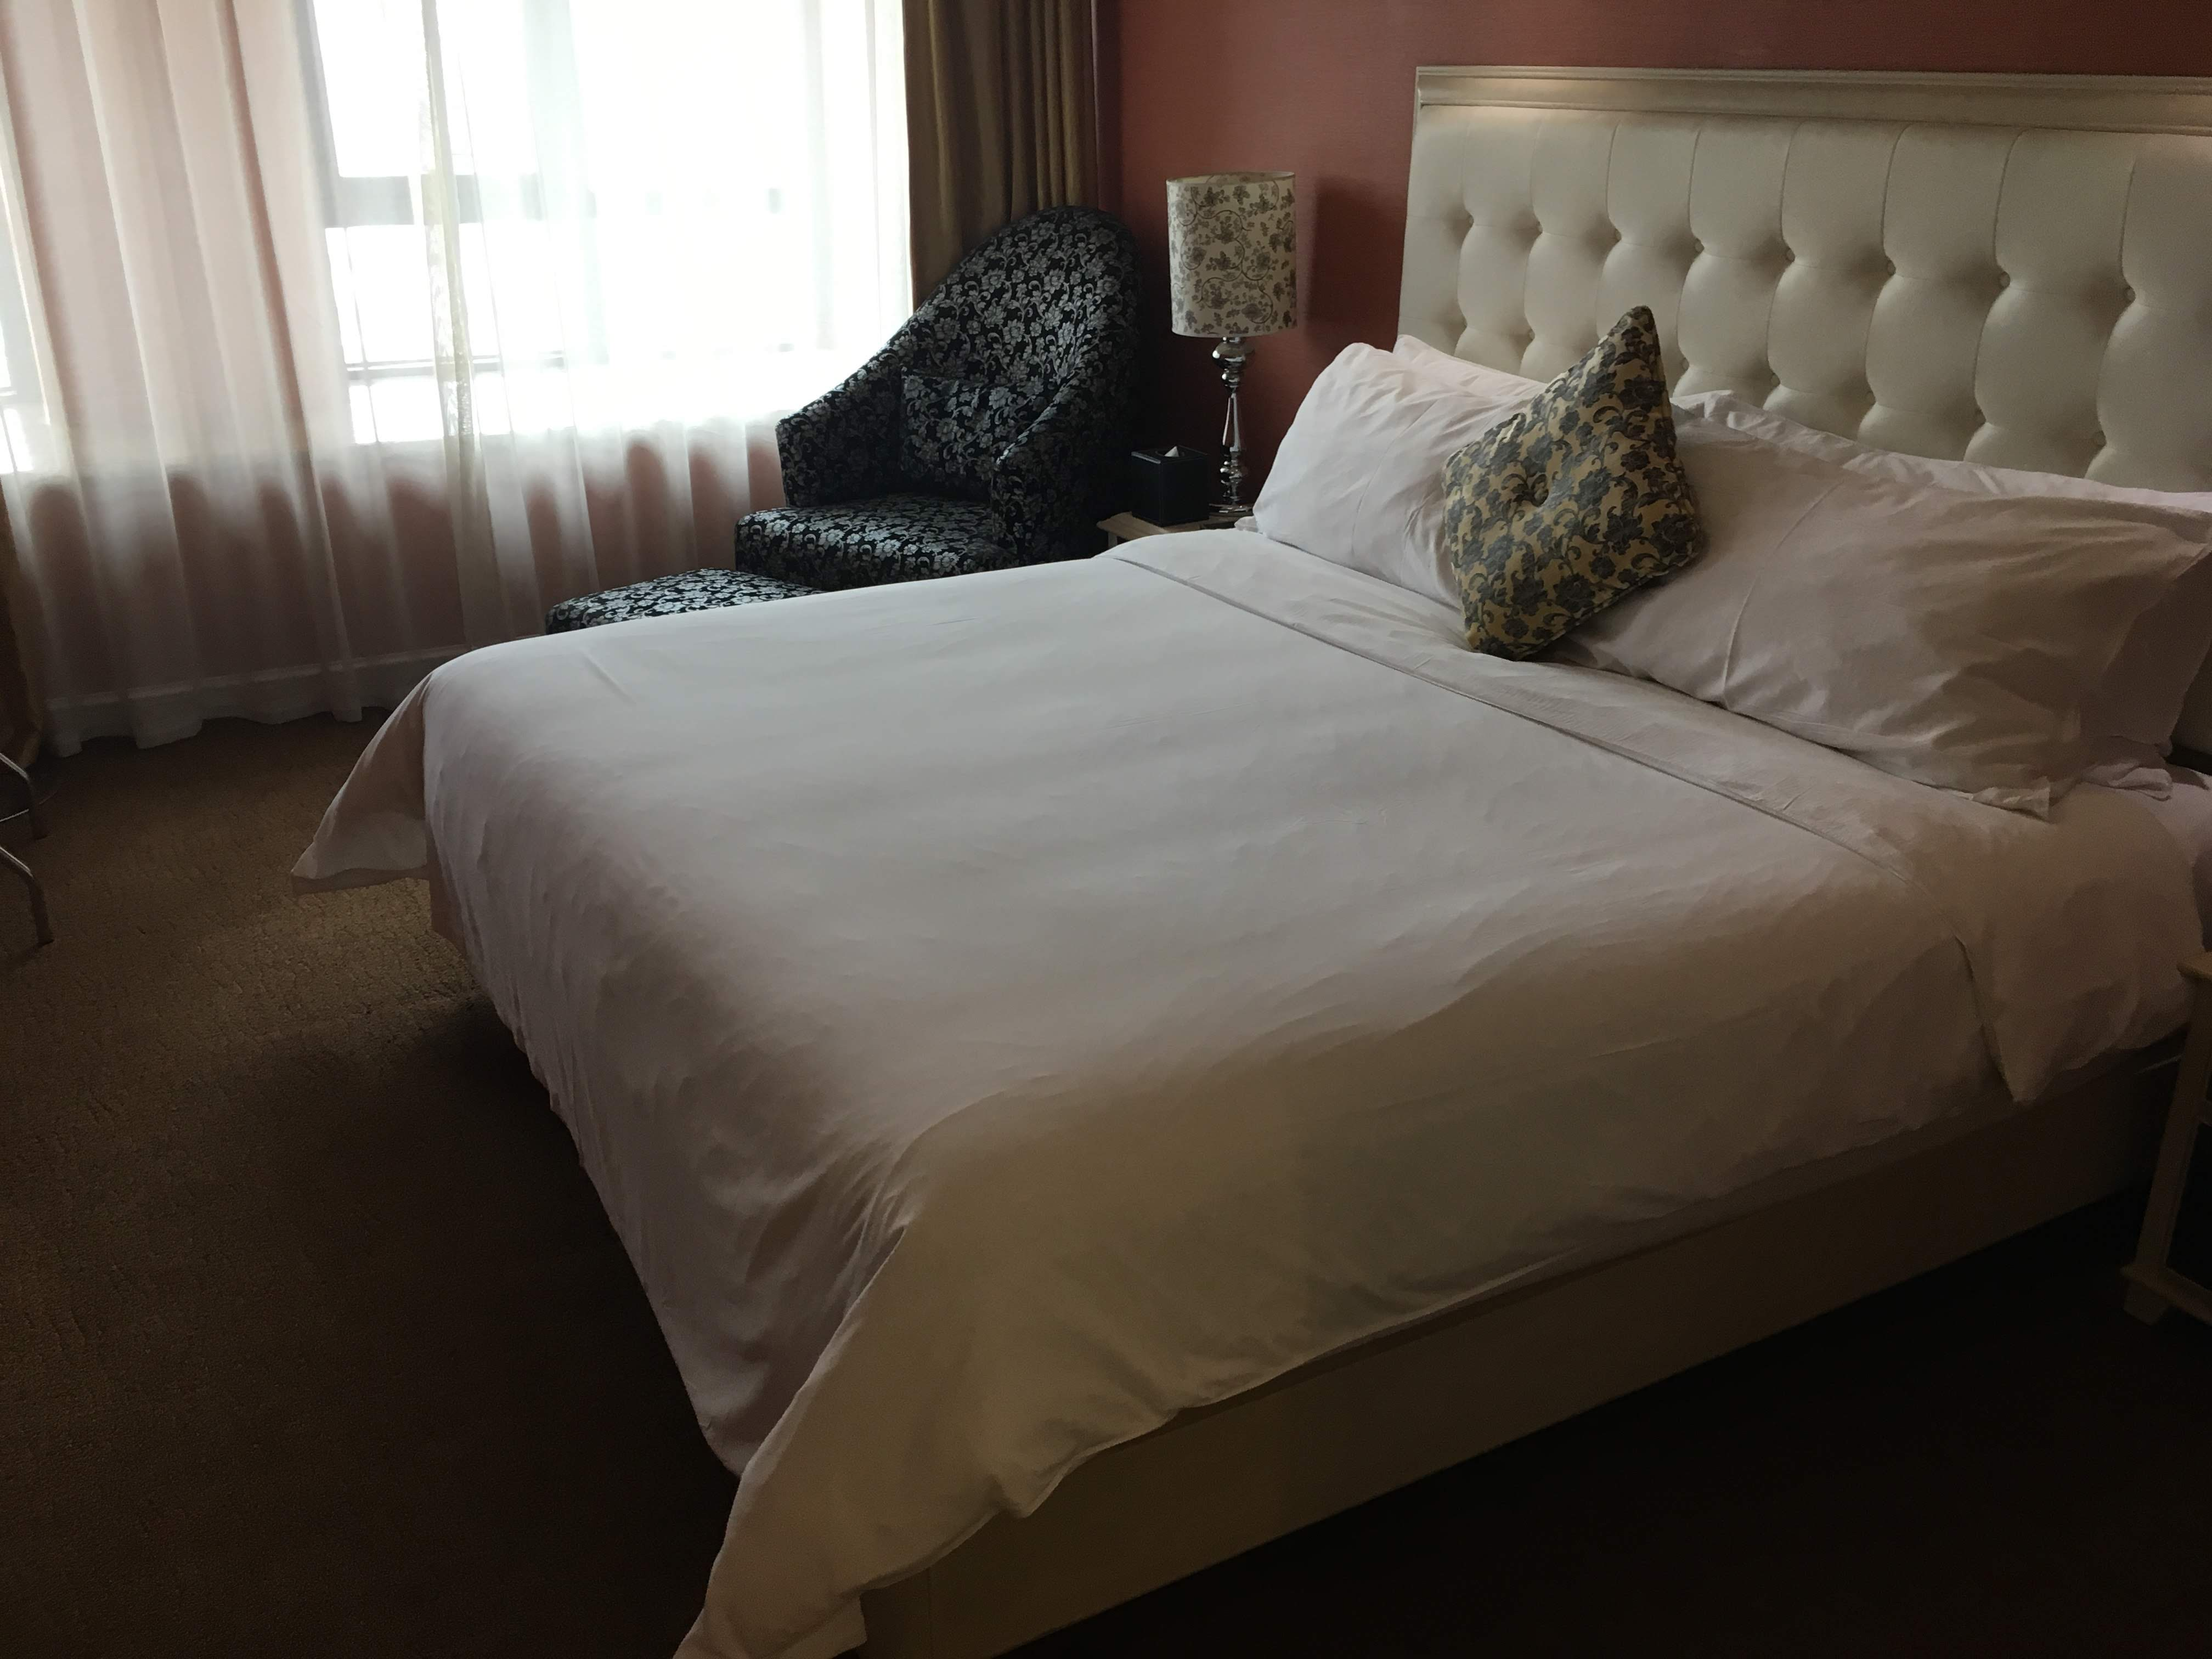 ニューシティーガーデンホテル(蘇州新城花園酒店)(New City Garden Hotel)